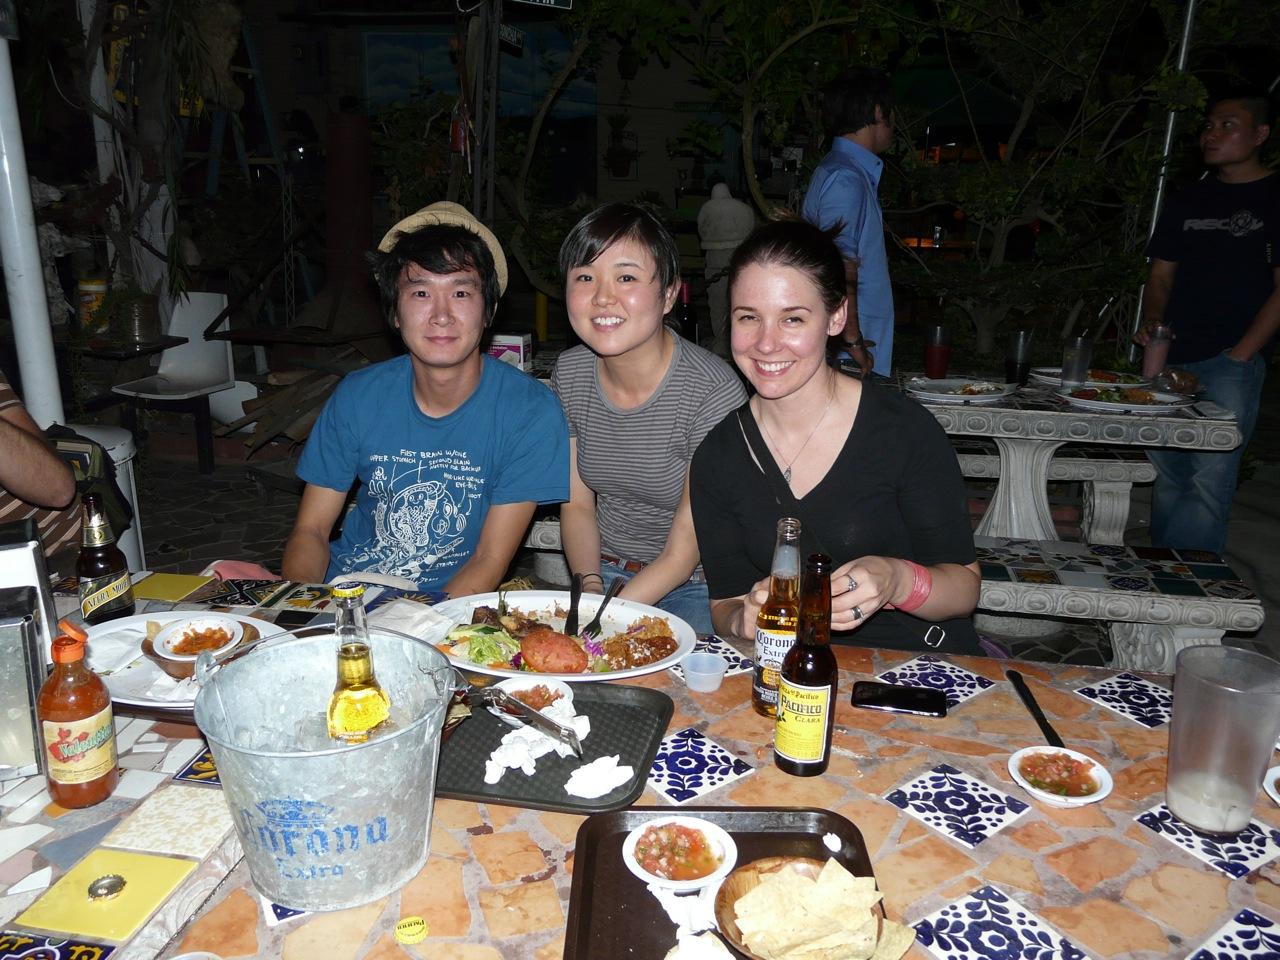 Yoskay Yamamoto, Audrey Kawasaki, and Leah